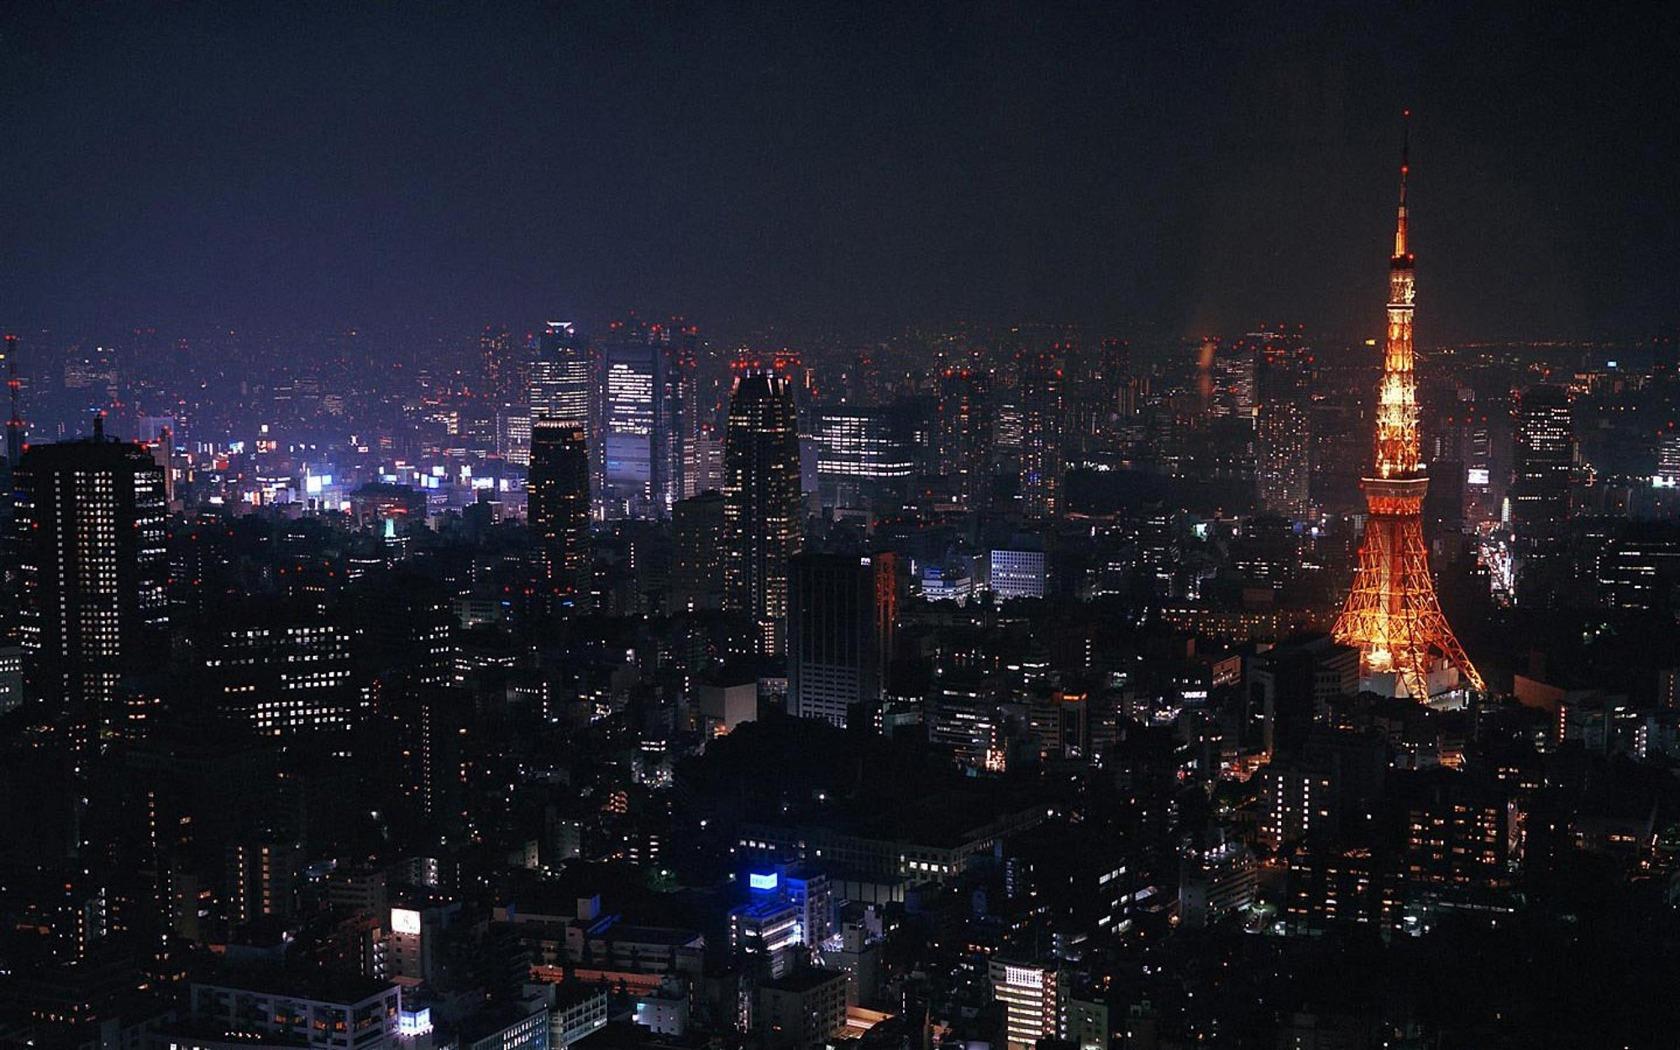 夜の東京タワー シティツアーの写真壁紙プレビュー 10wallpaper Com